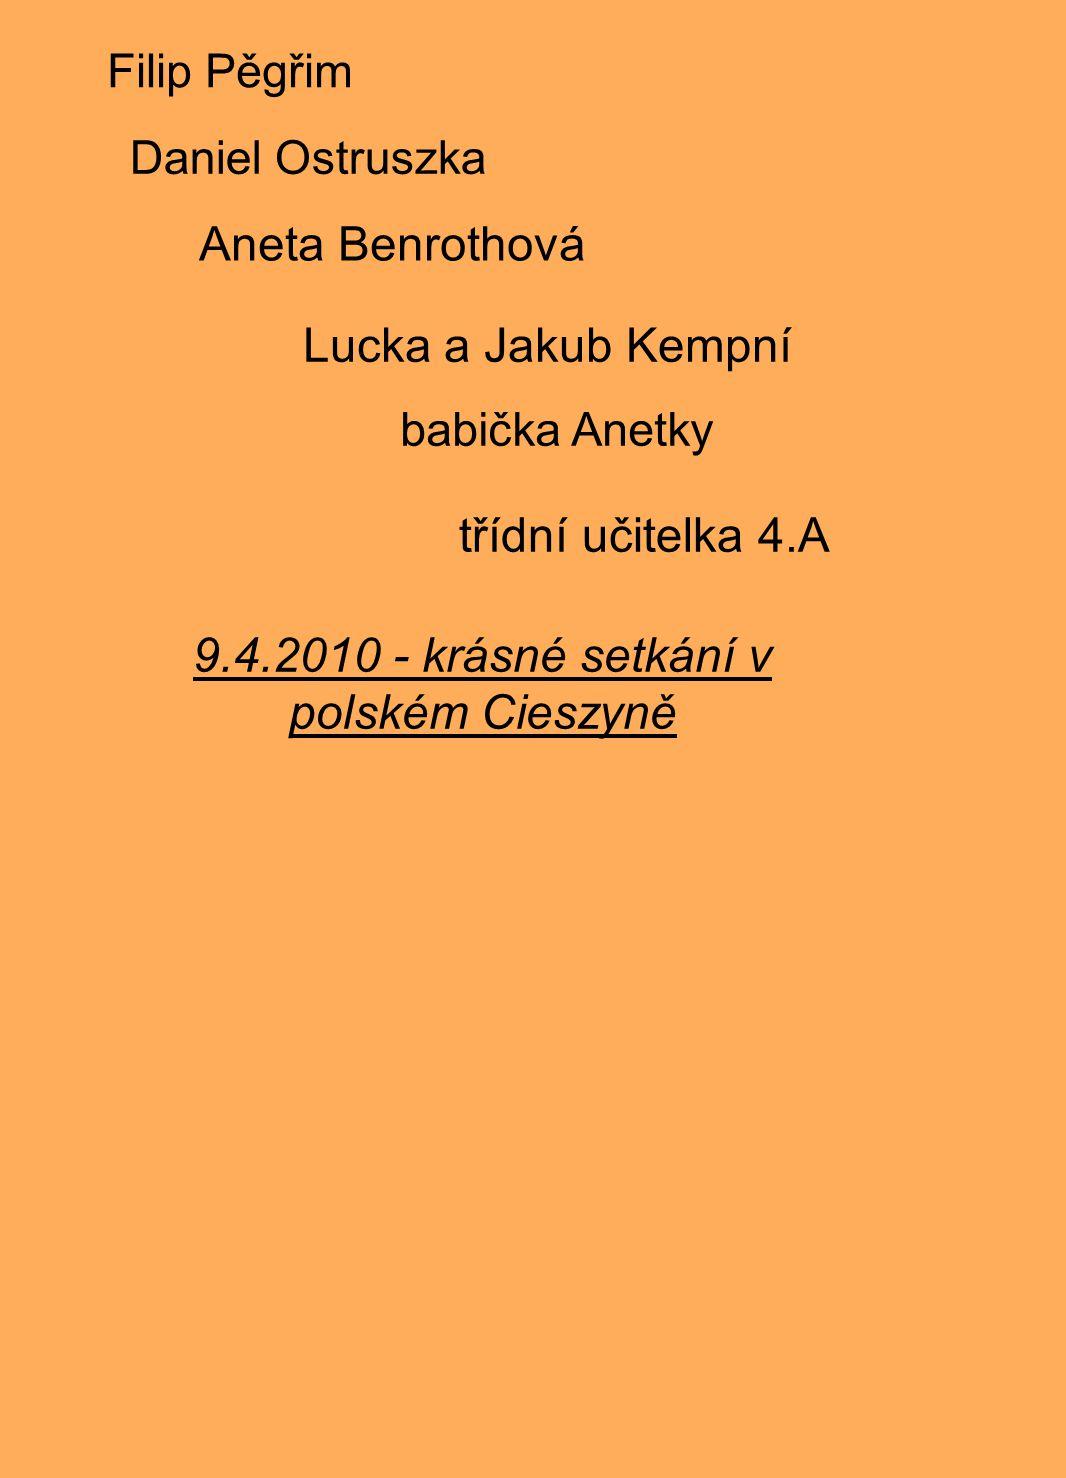 Filip Pěgřim Daniel Ostruszka Aneta Benrothová Lucka a Jakub Kempní babička Anetky třídní učitelka 4.A 9.4.2010 - krásné setkání v polském Cieszyně